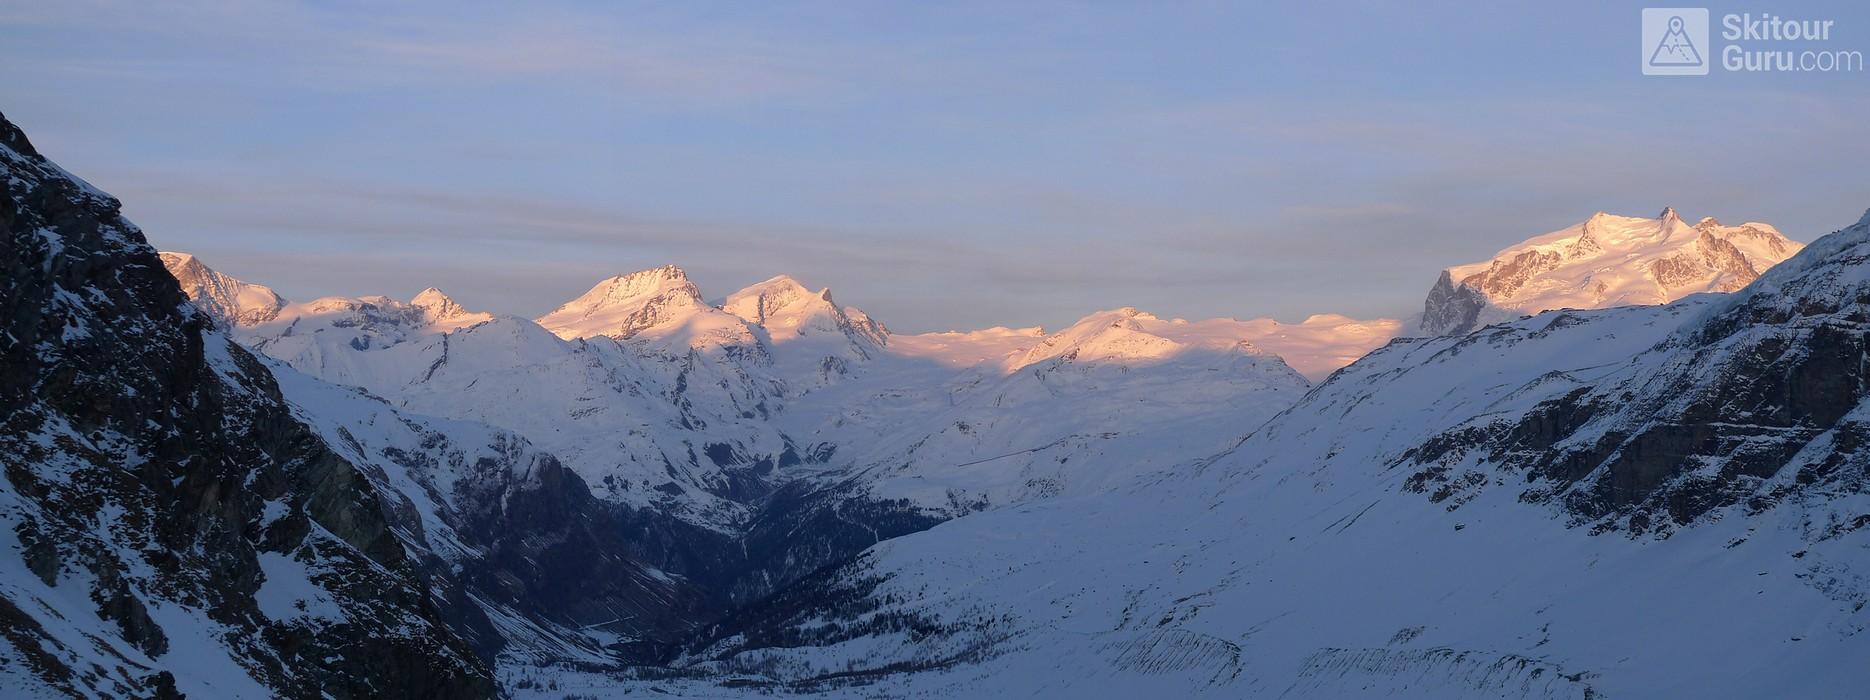 Schönbielhütte Walliser Alpen / Alpes valaisannes Switzerland panorama 23